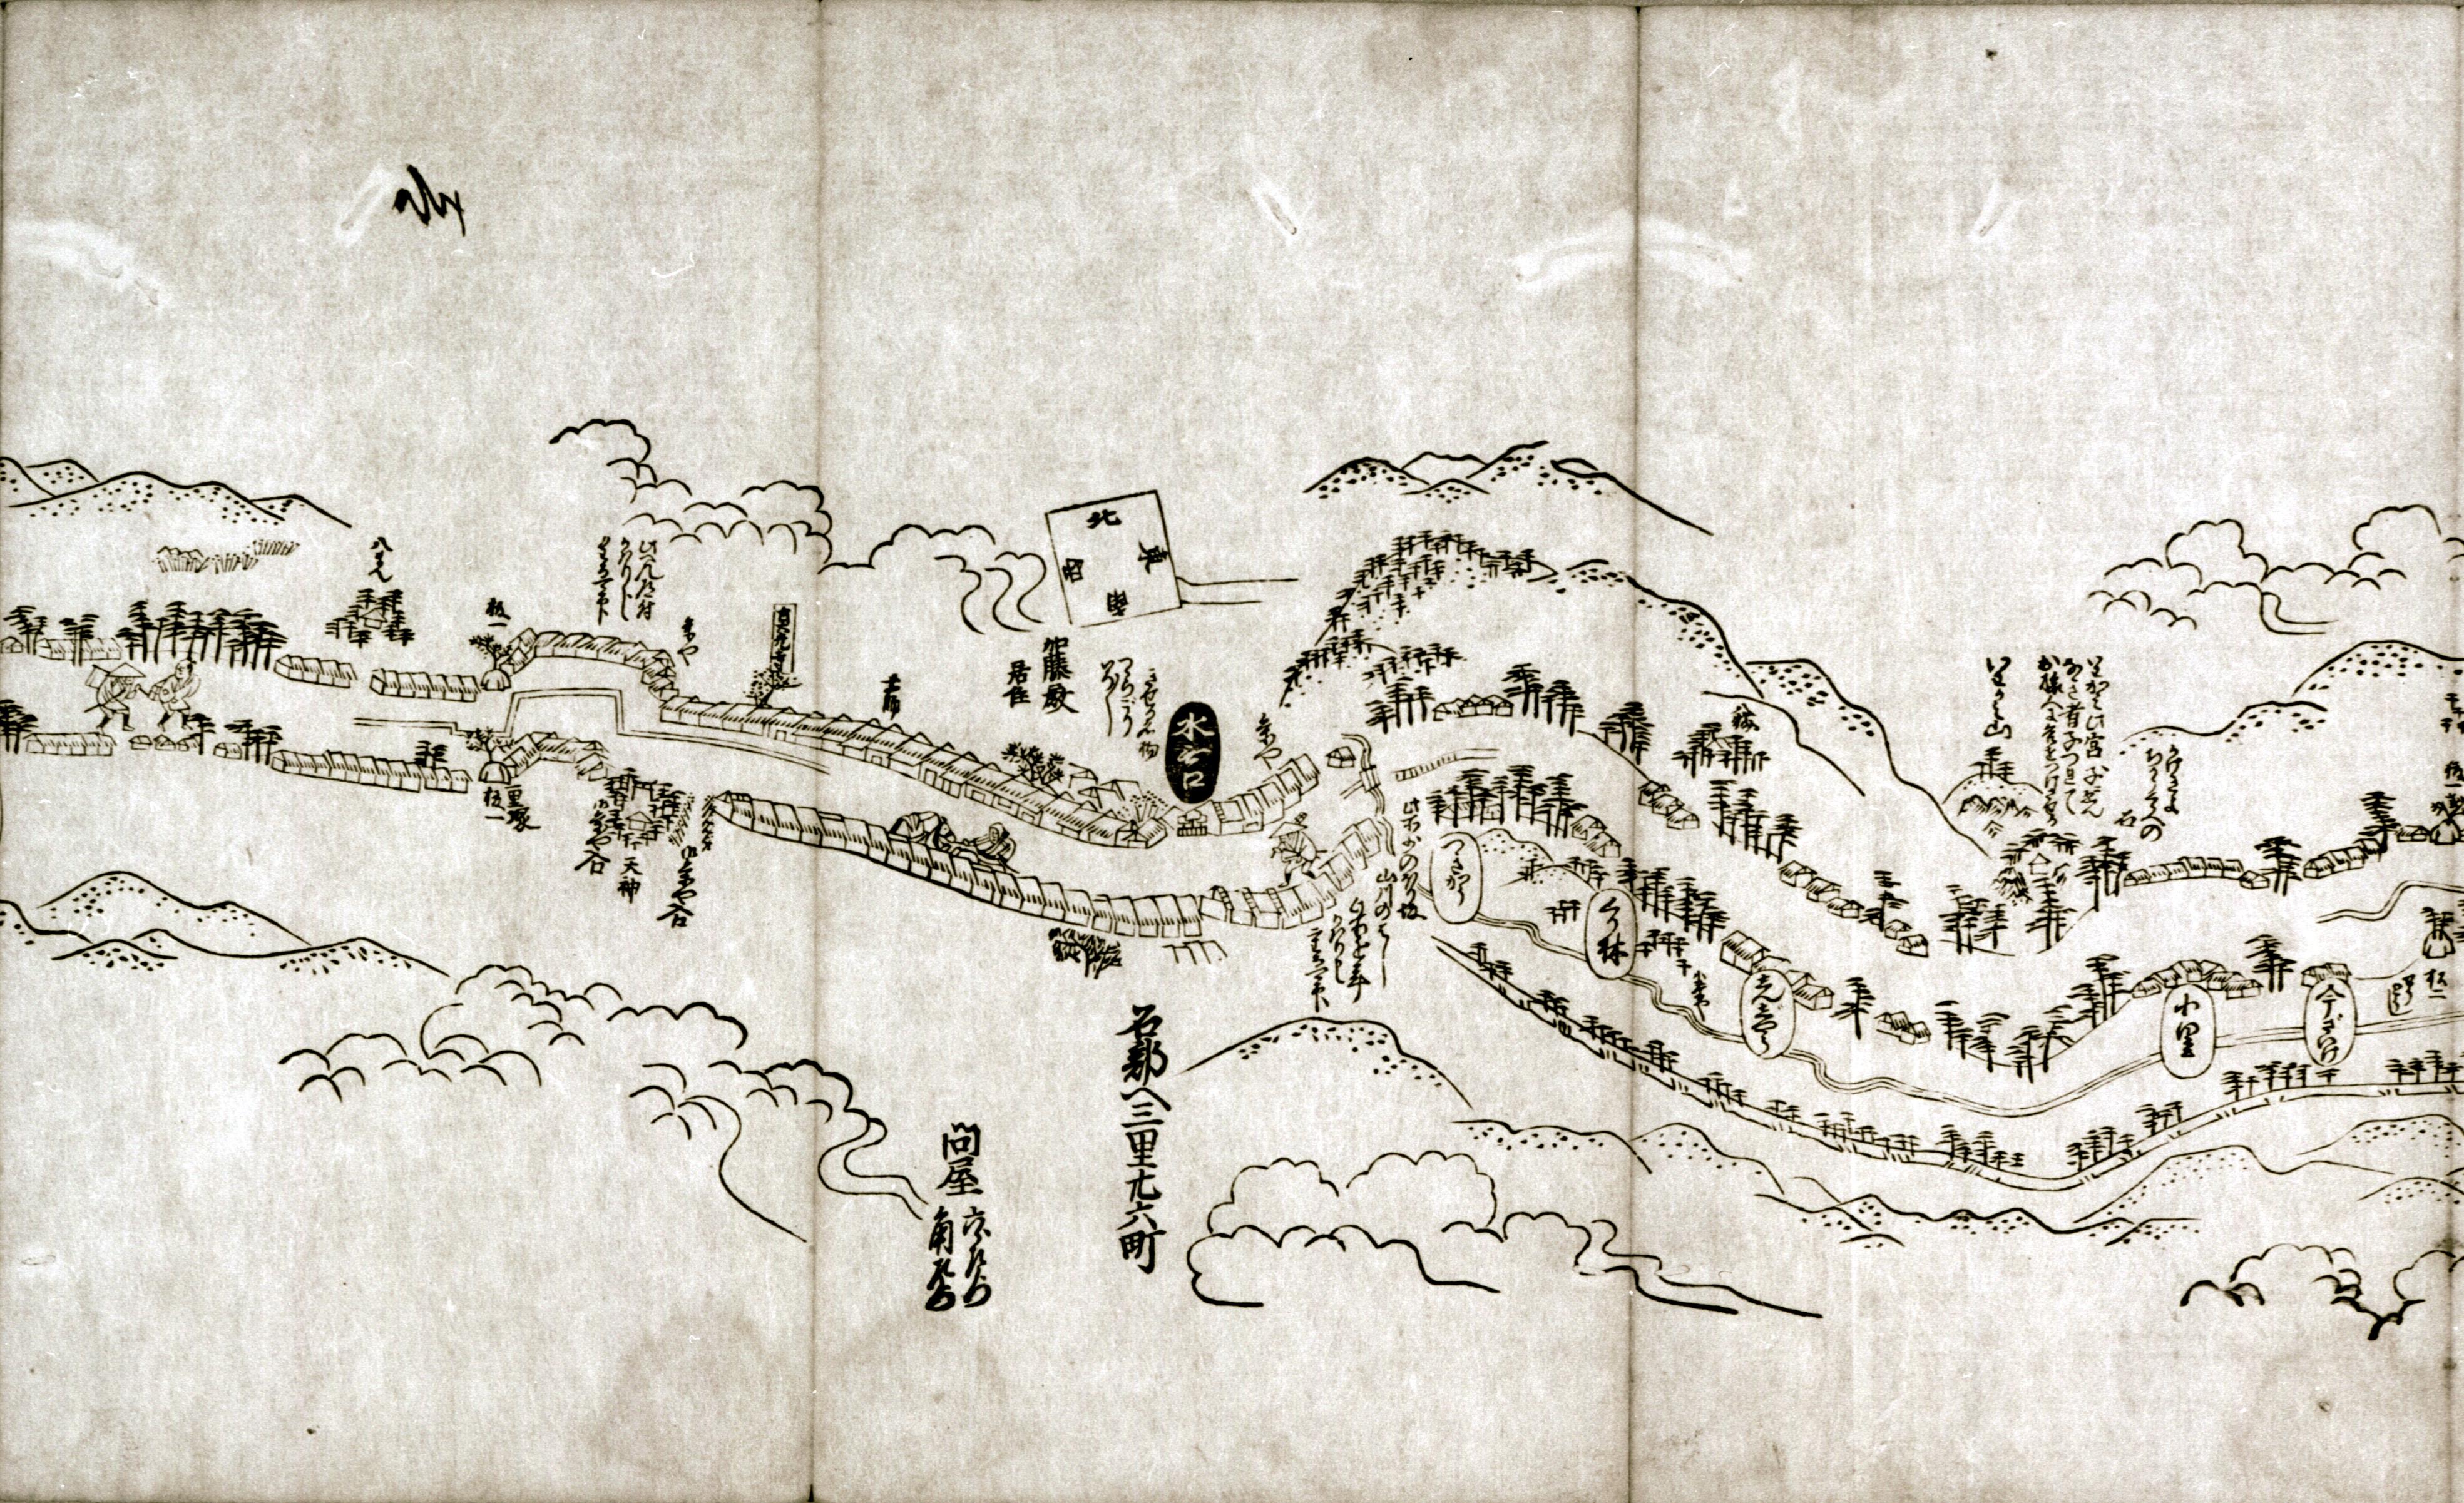 東海道分間之図 七十三